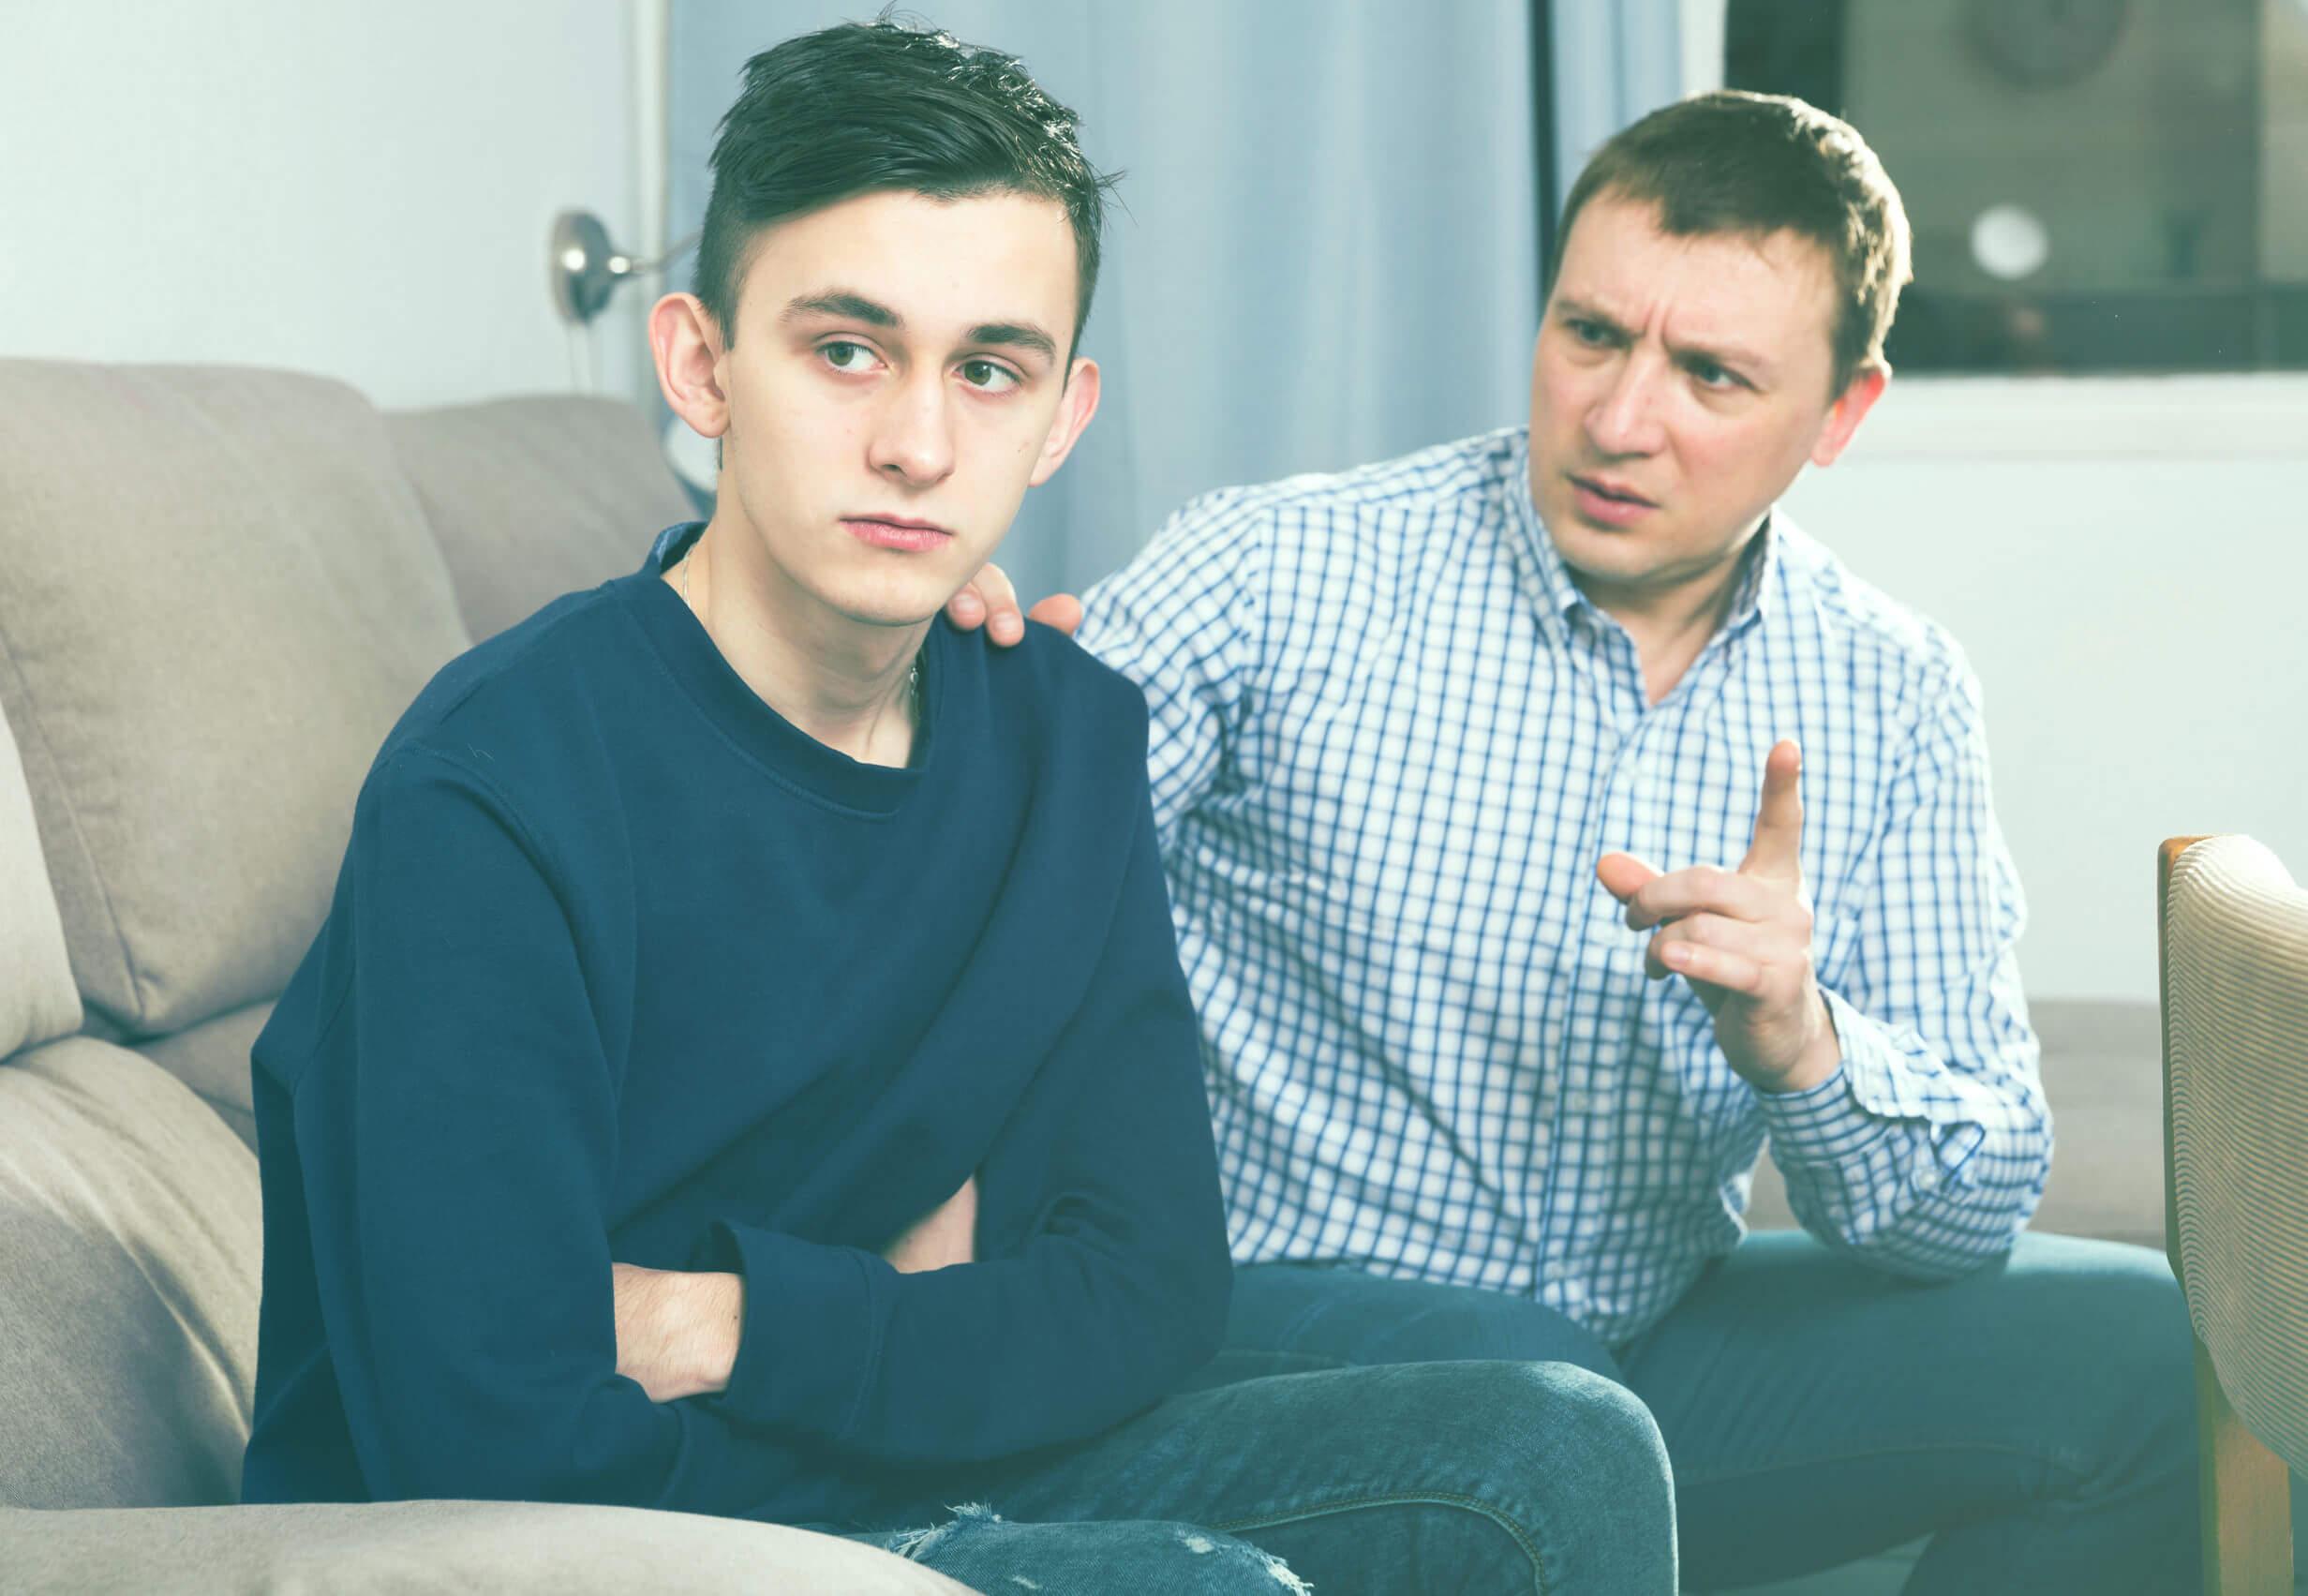 Padre hablando con su hijo sobre los problemas psicológicos en los adolescentes.